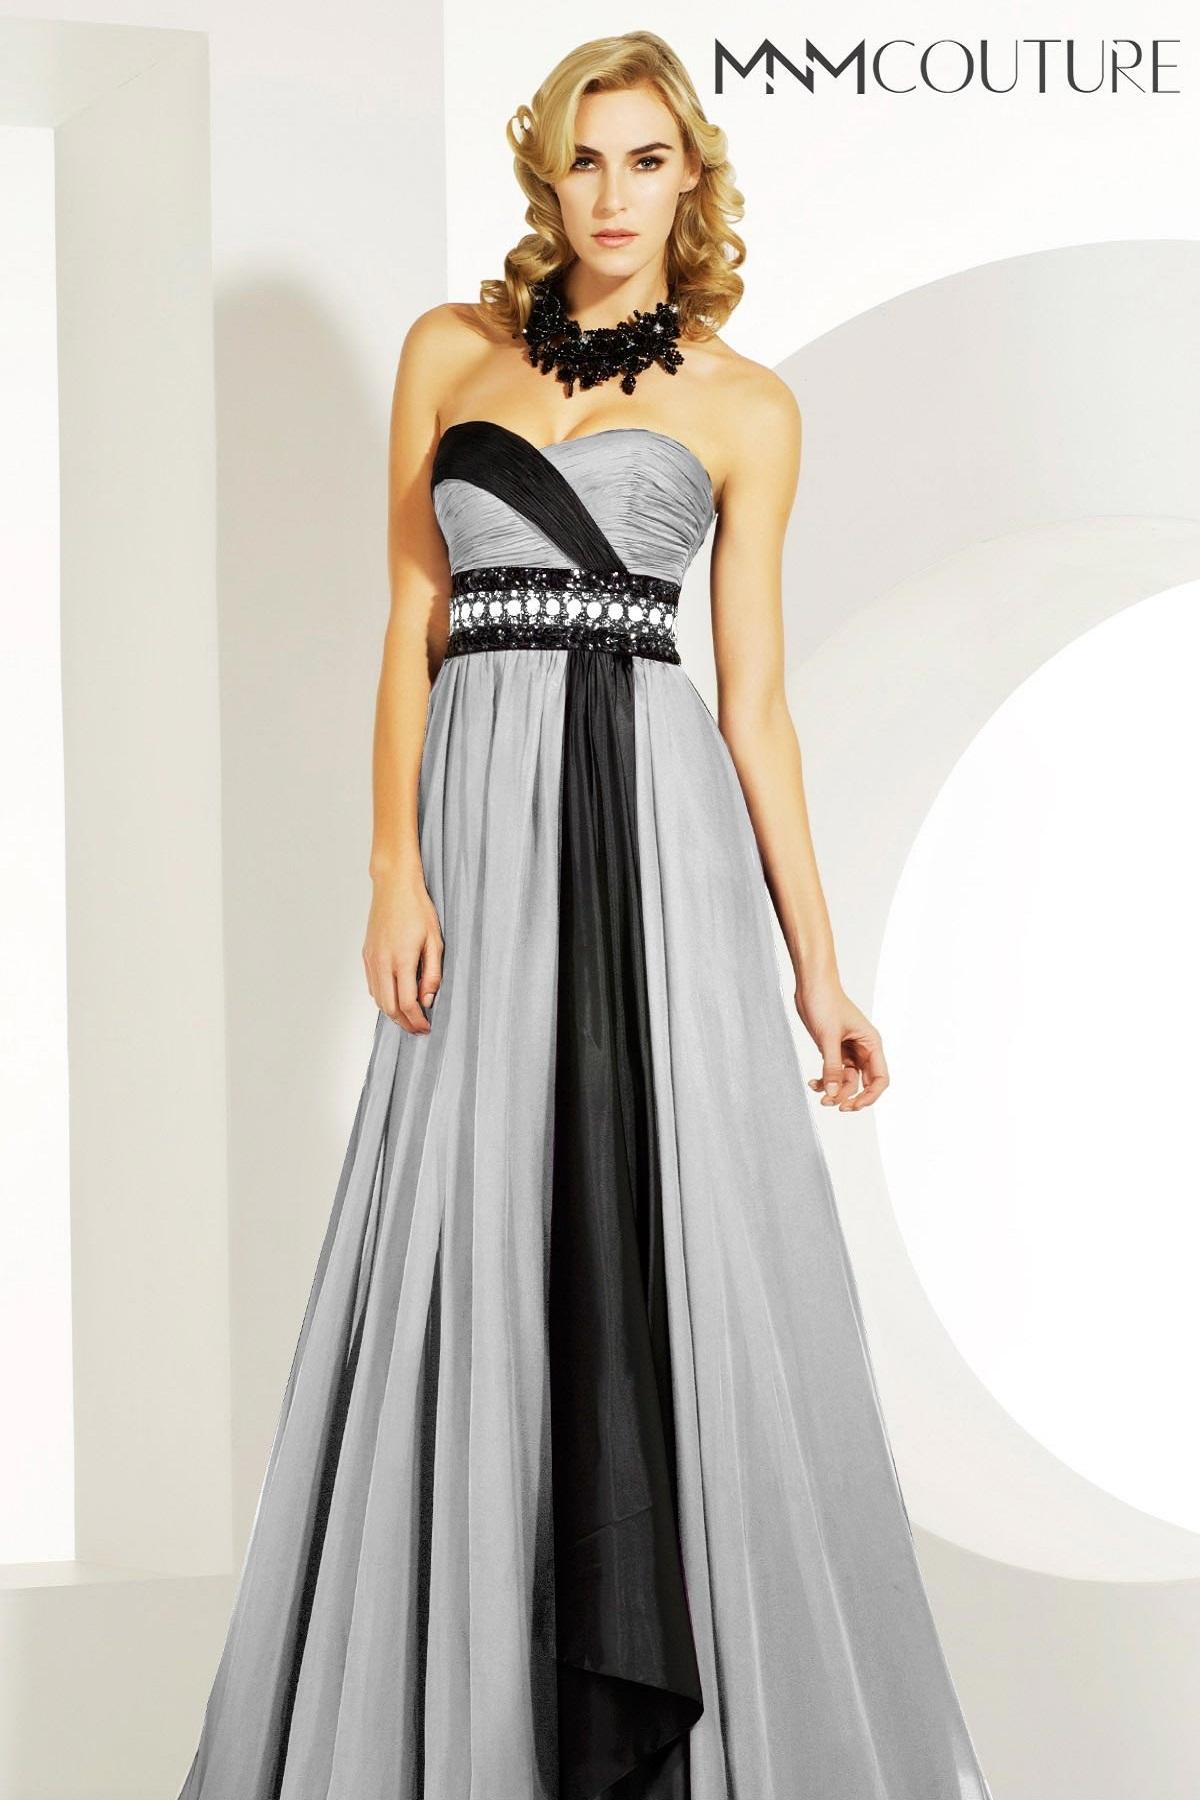 MnM Couture 6516 черно-белое платье в пол, лиф украшен камнями, небольшая накидка, юбка длинная и пышная